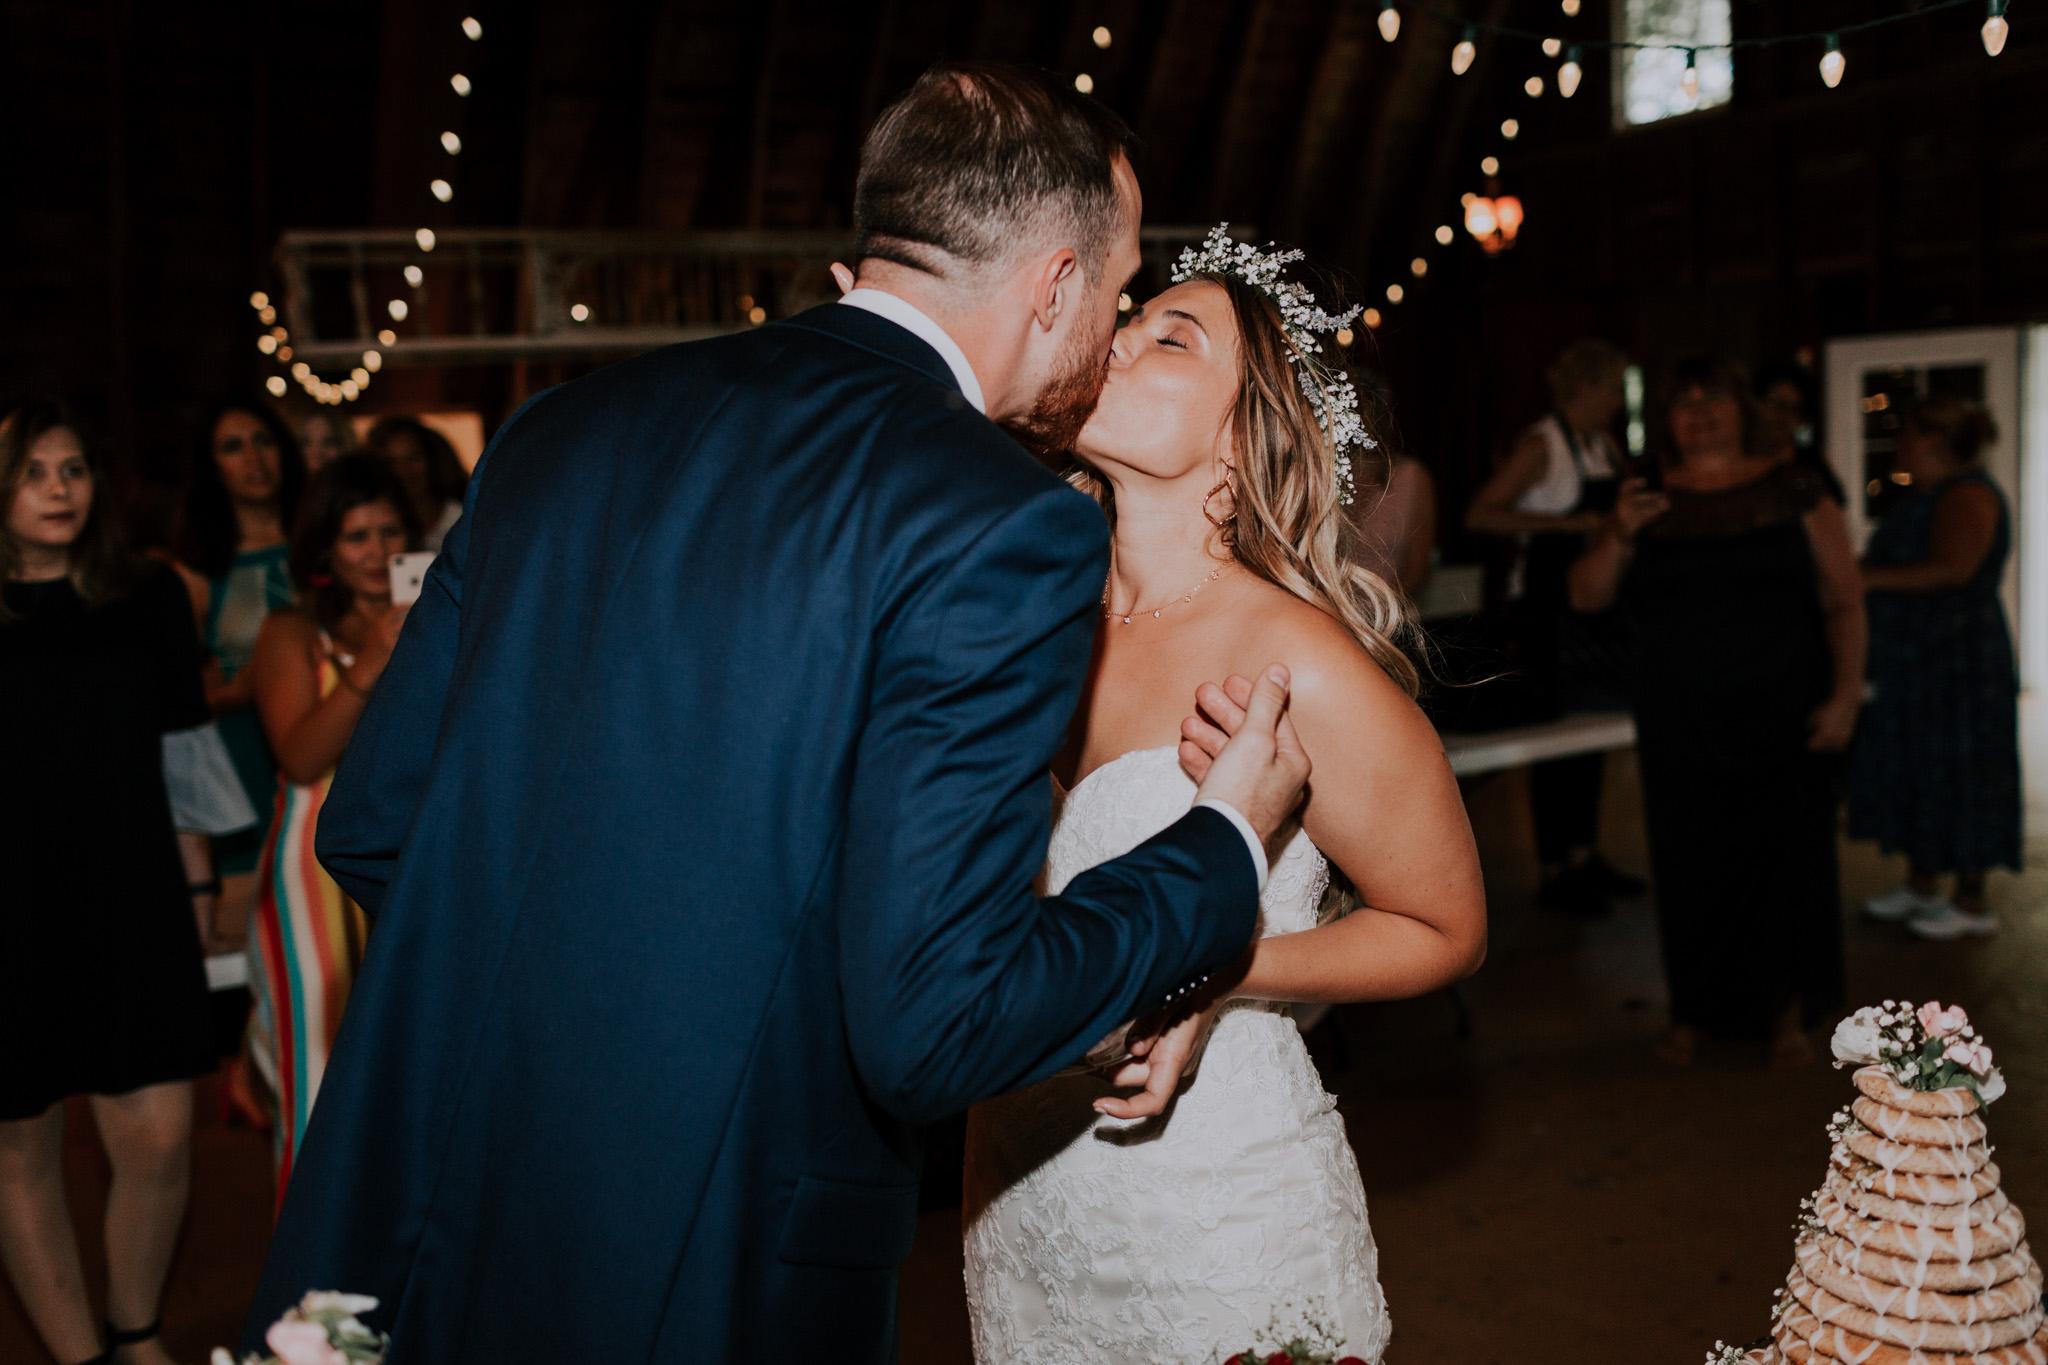 Blue-Dress-Barn-Michigan-Wedding-April-Seth-Vafa-Photo772.jpg